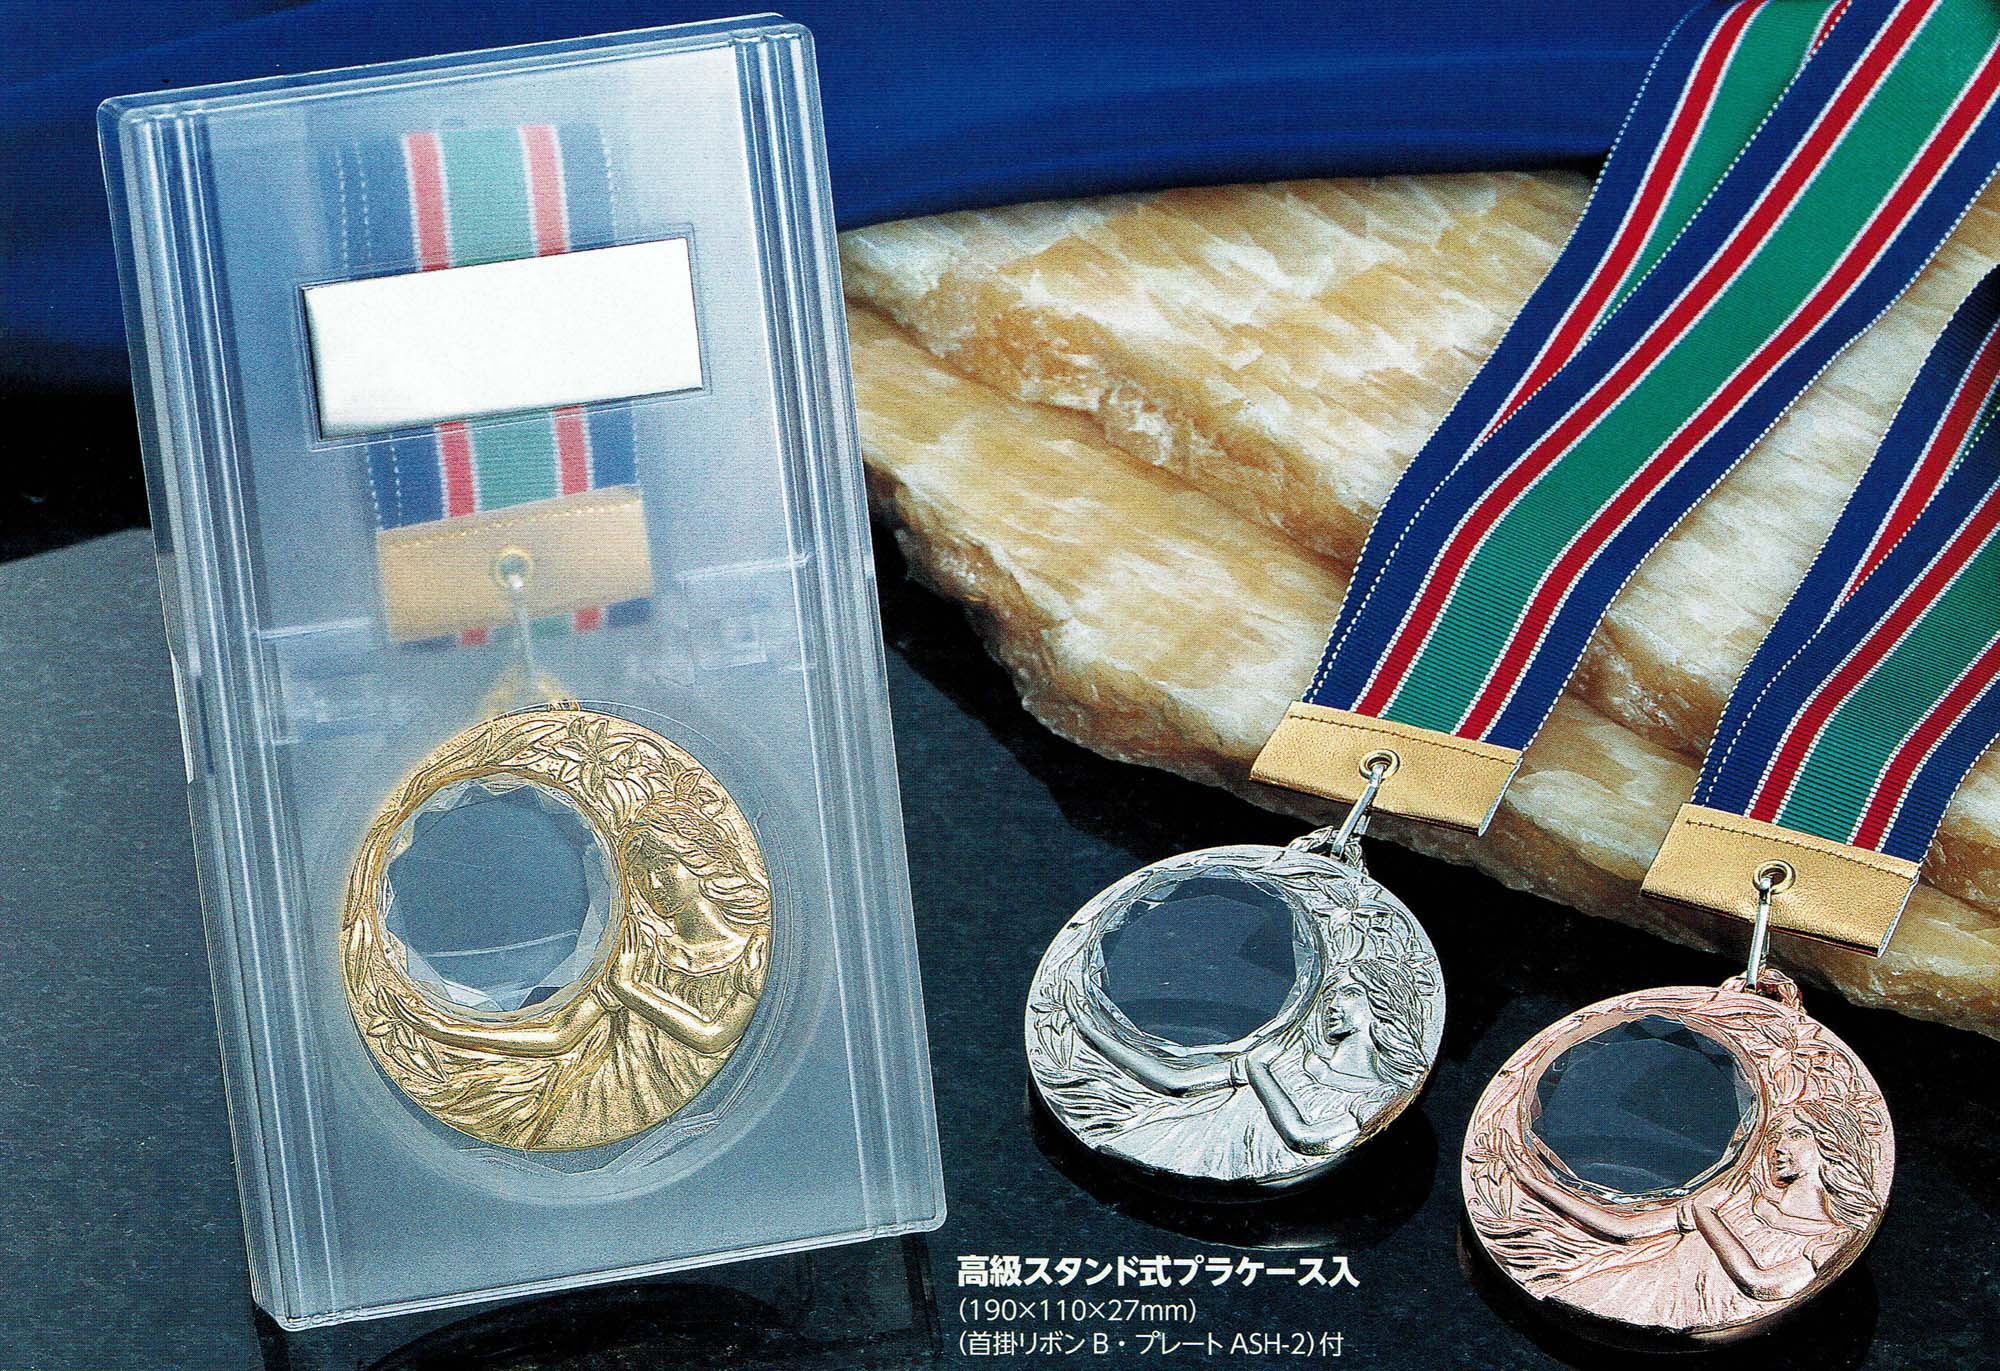 MWメダル 高級スタンド式プラケース入